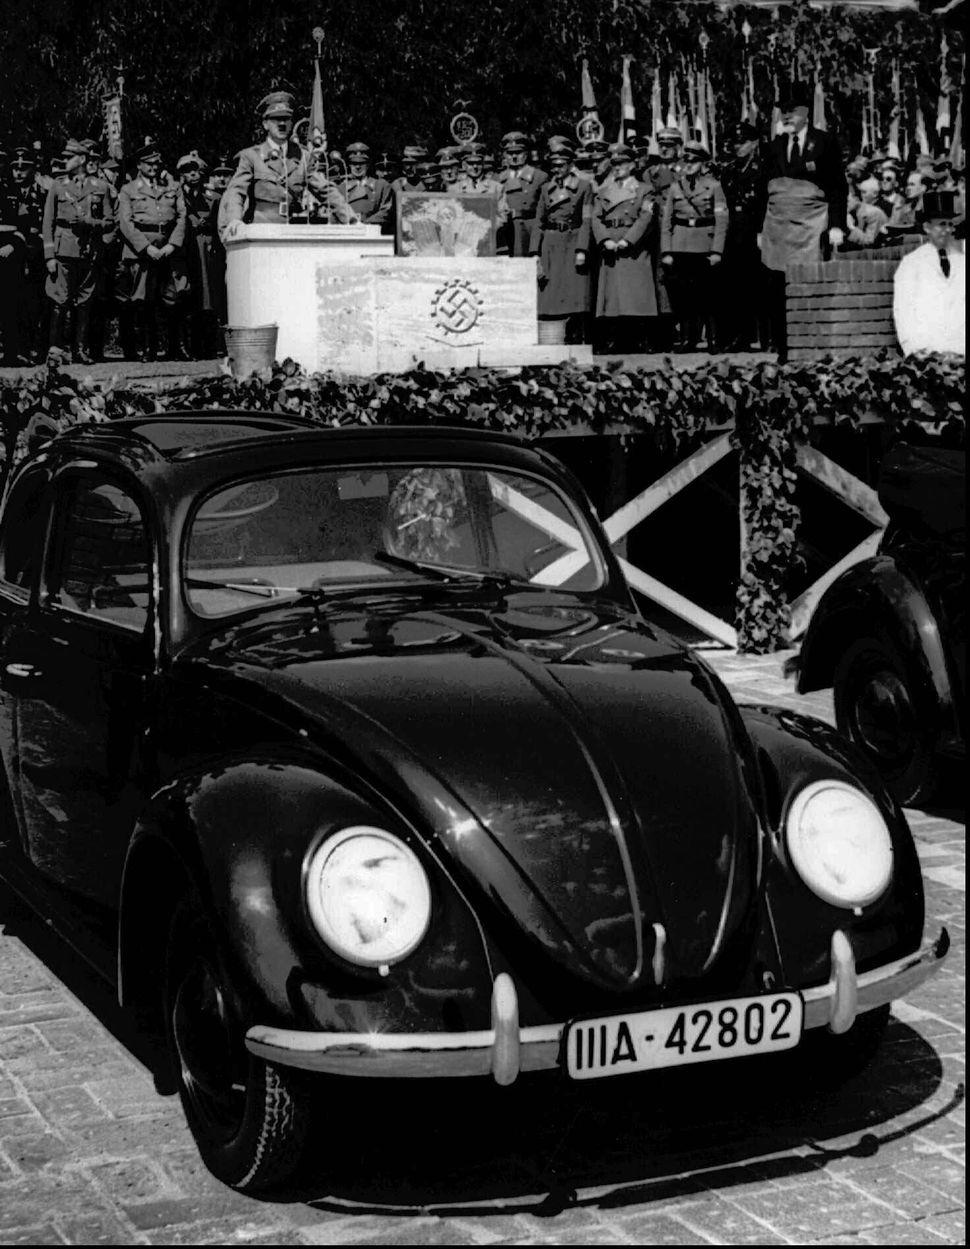 1938년 5월 나치 독일의 아돌프 히틀러가 독일 작센에서 열린 폭스바겐 공장 개소식에서 연설을 하고 있다.